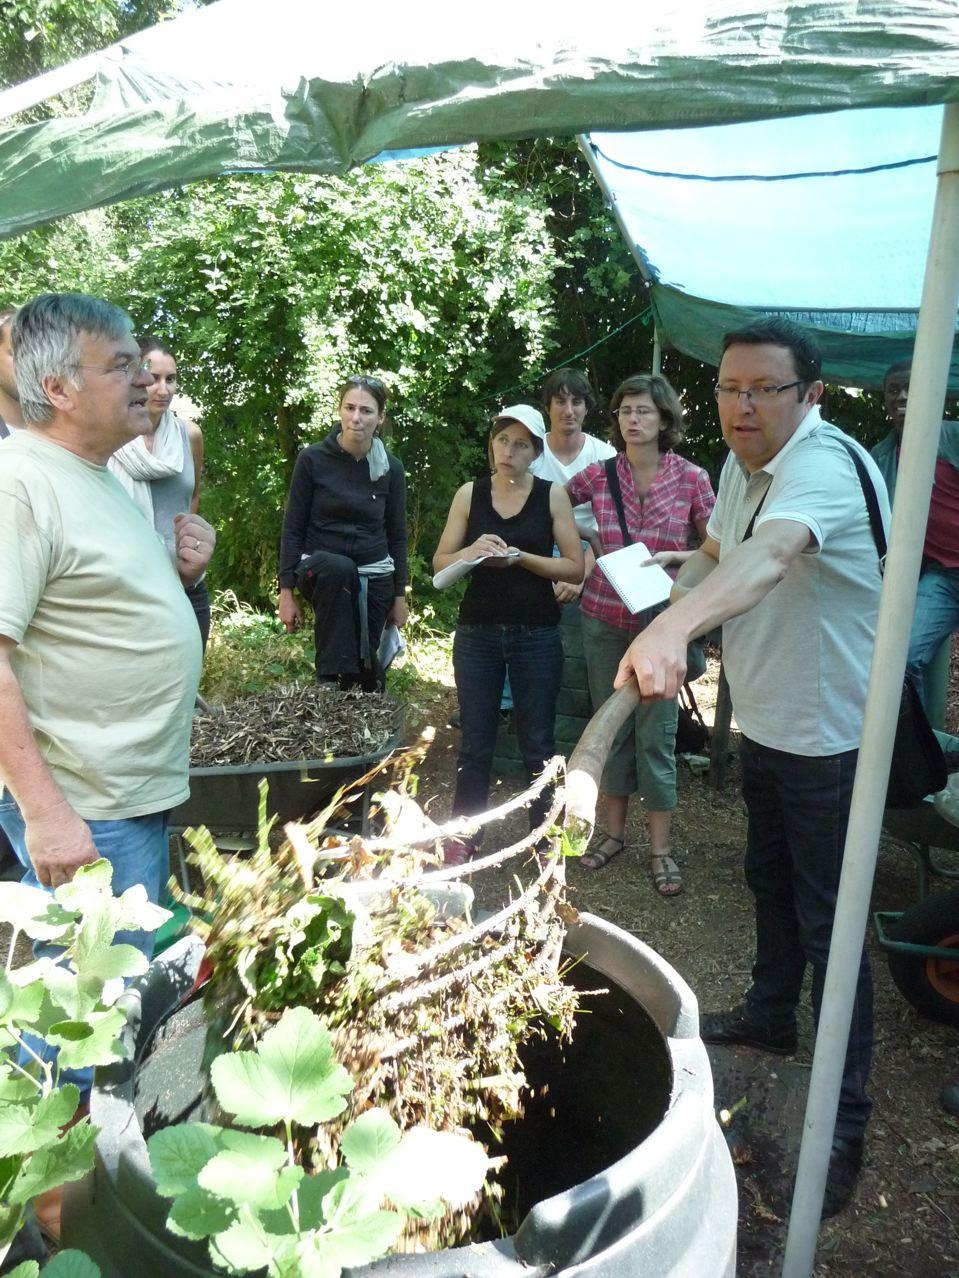 Recyclage des déchets organiques ménagers : préparation d'un fût à compost